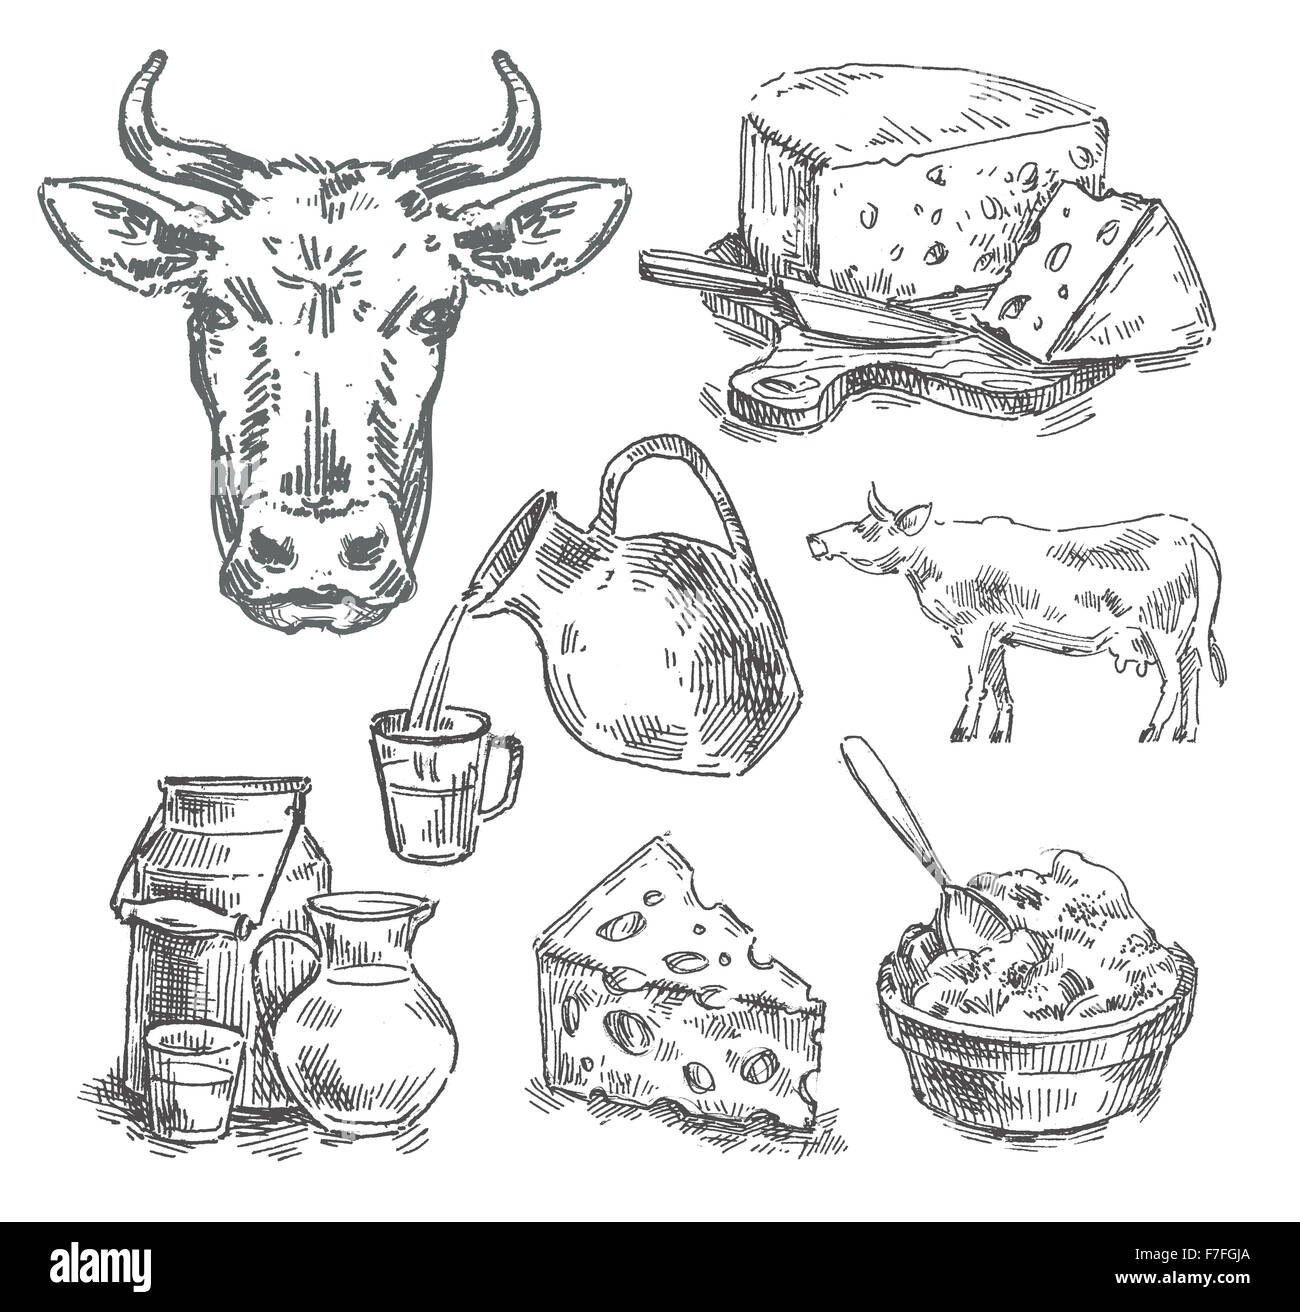 Dibujado a mano, queso de leche de vaca, sketch. Imagen De Stock